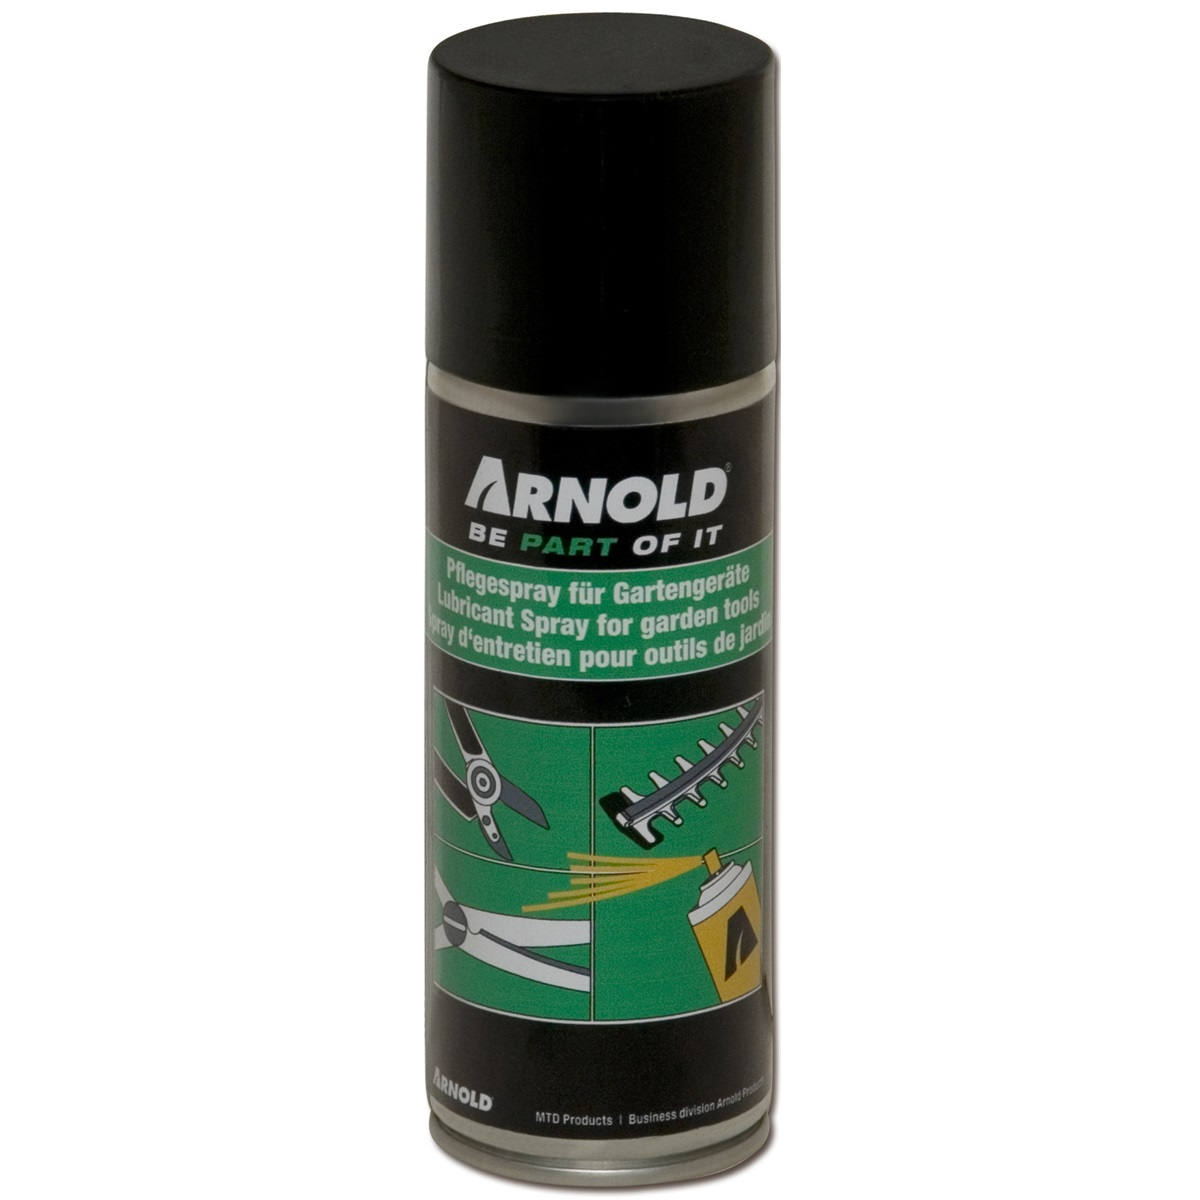 Arnold Univerzální sprej pro údržbu zahradní techniky 250 ml